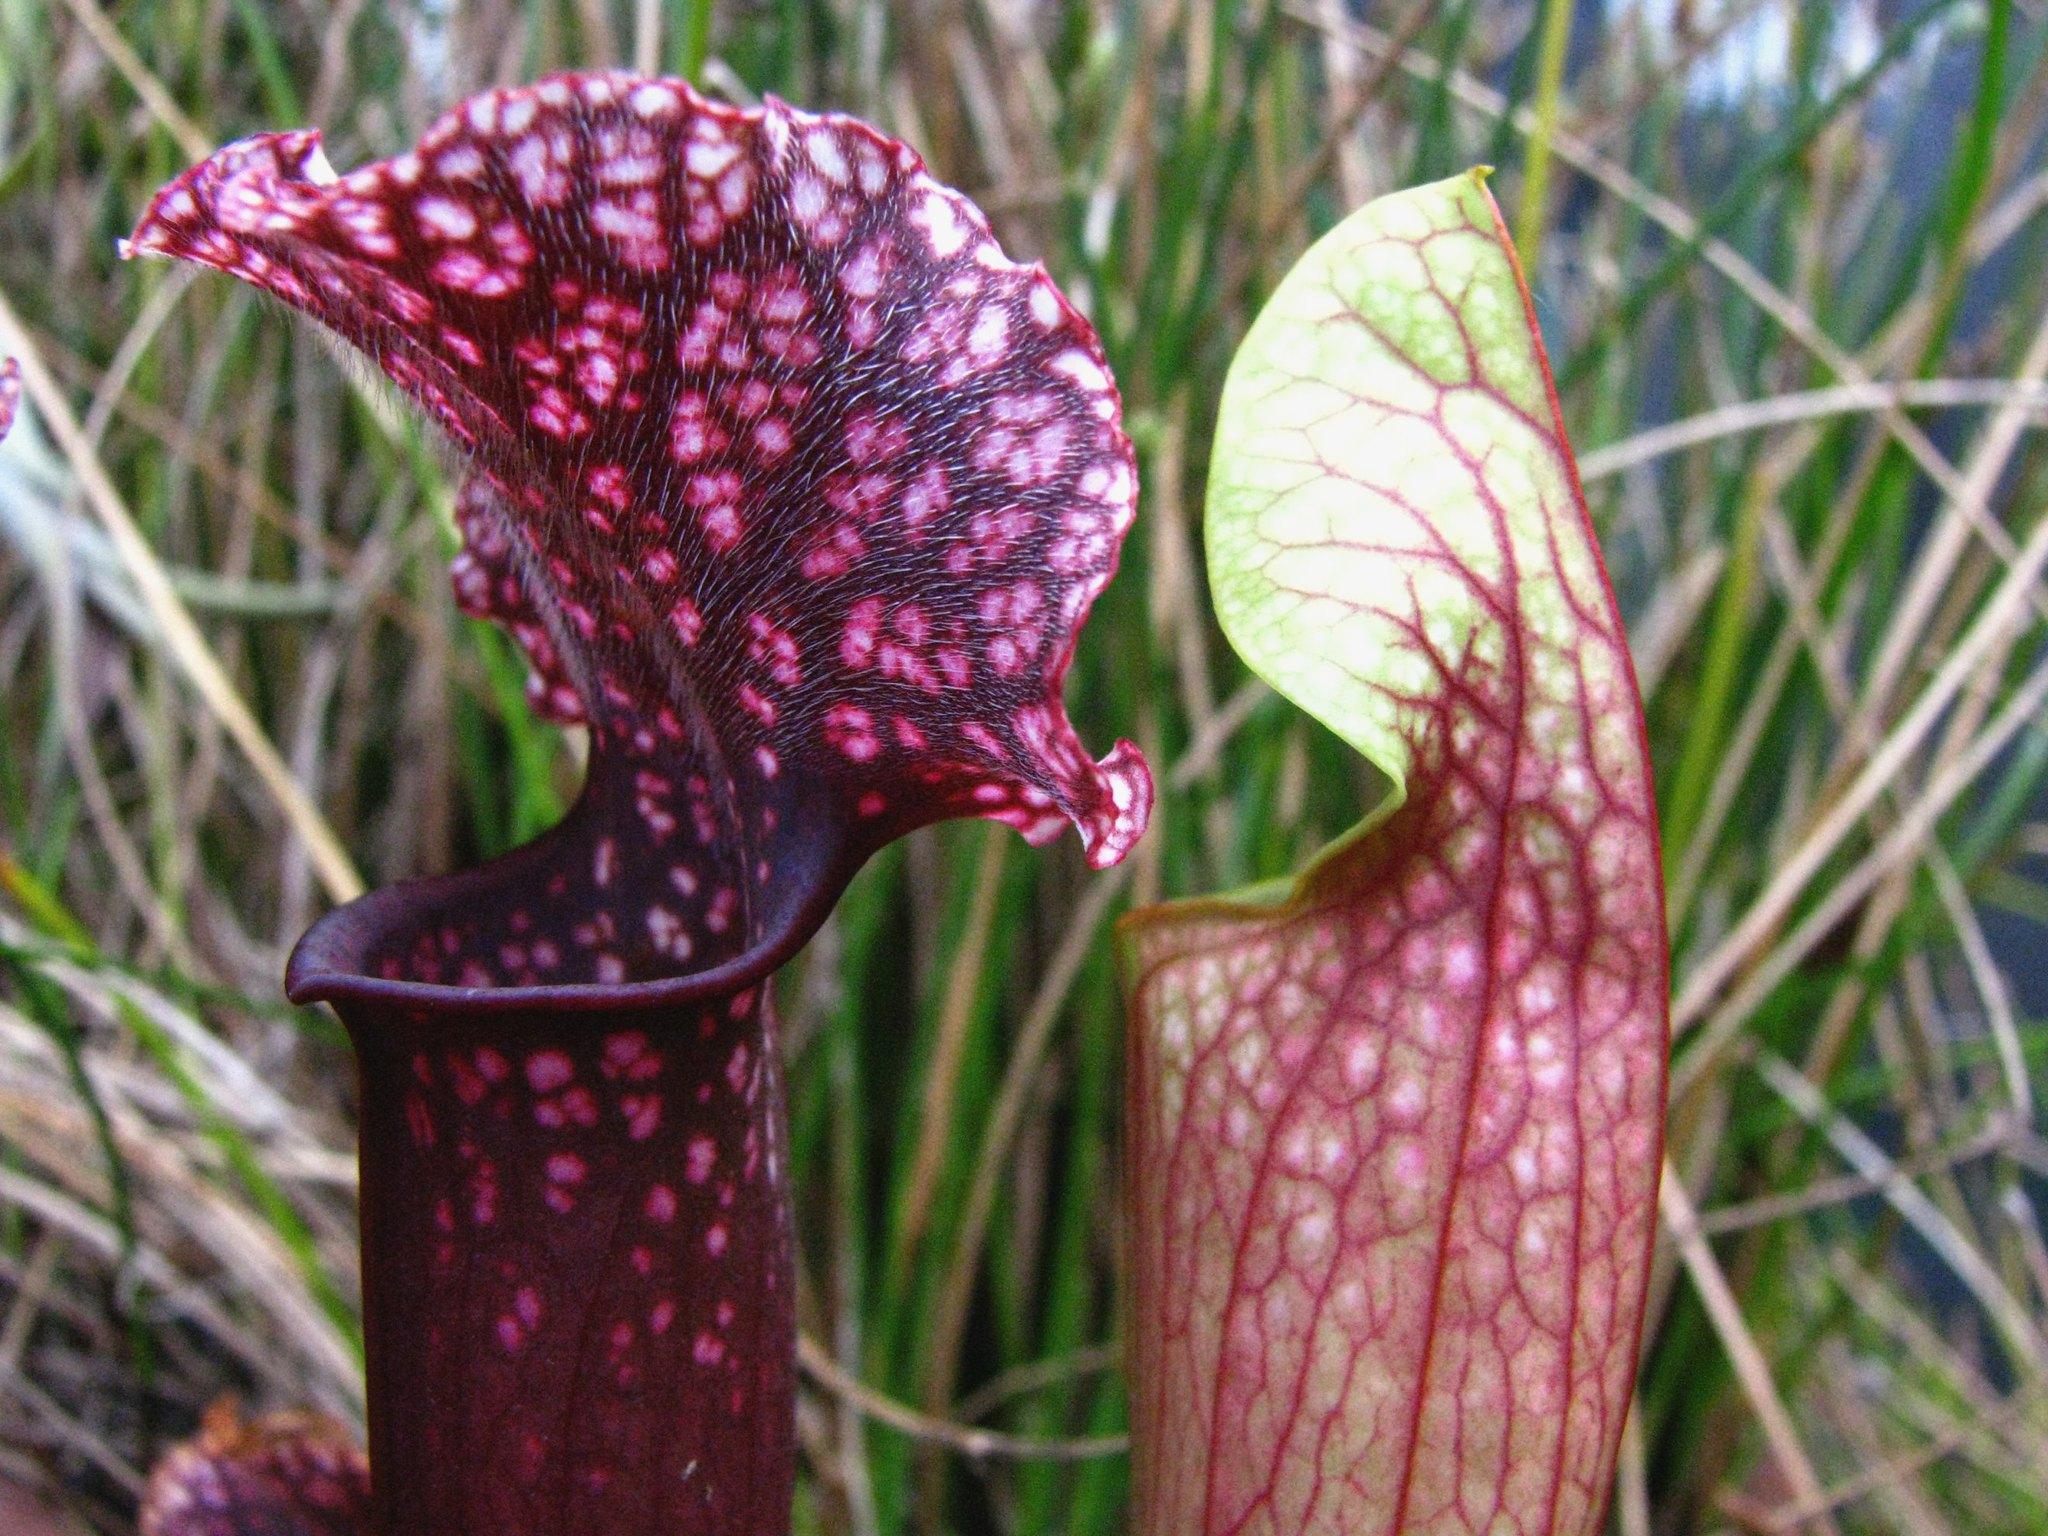 La Sarracenia Judith Hindle es una planta carnívora pequeña